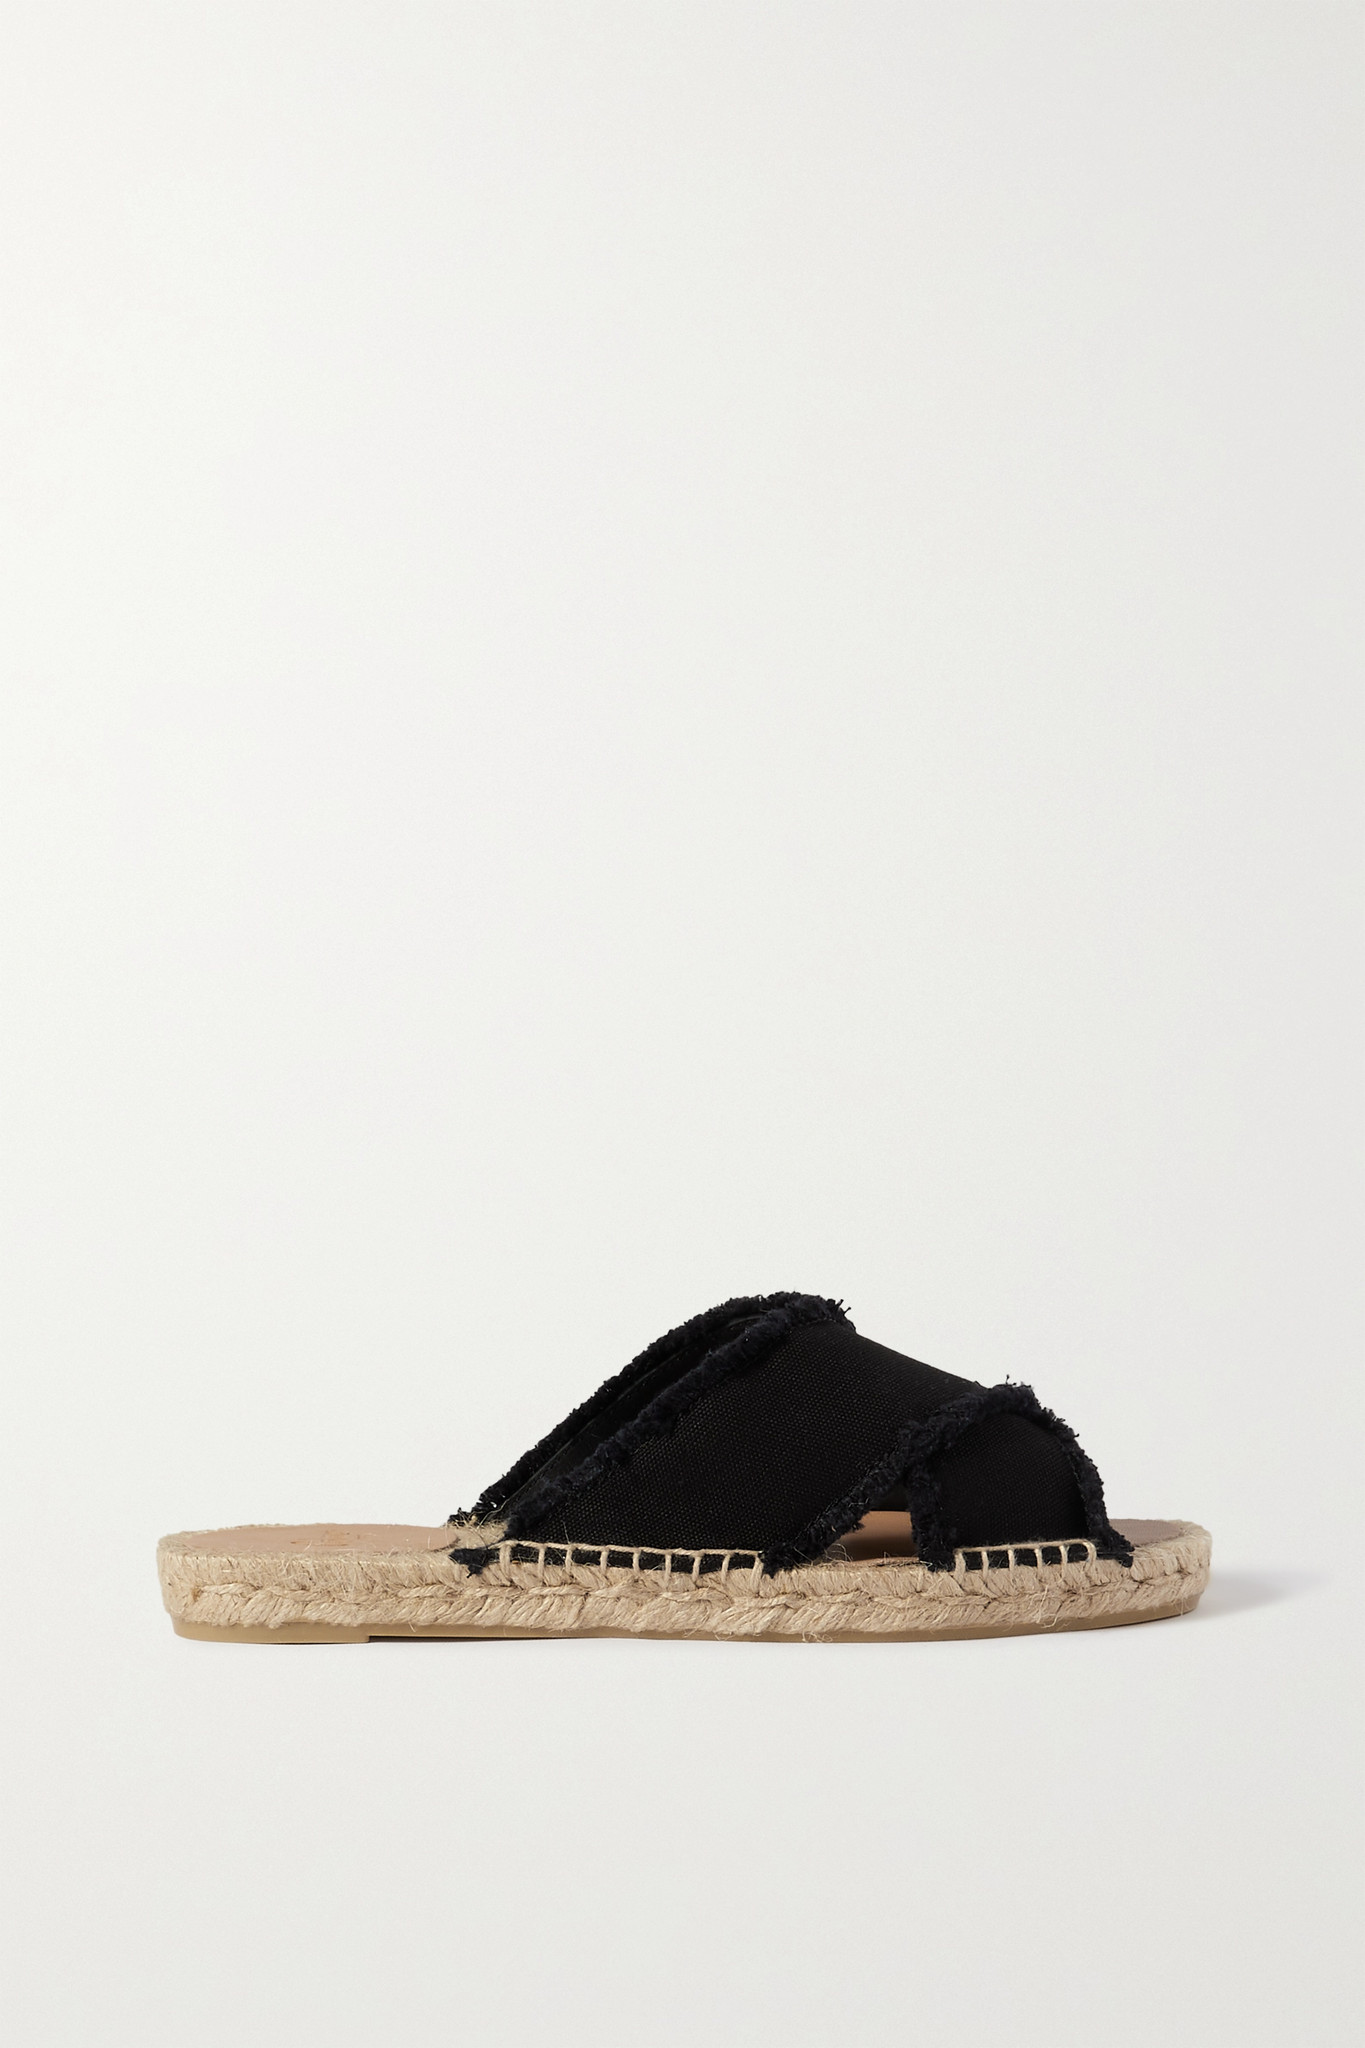 CASTAÑER - Palmera 毛边帆布麻底拖鞋 - 黑色 - IT36